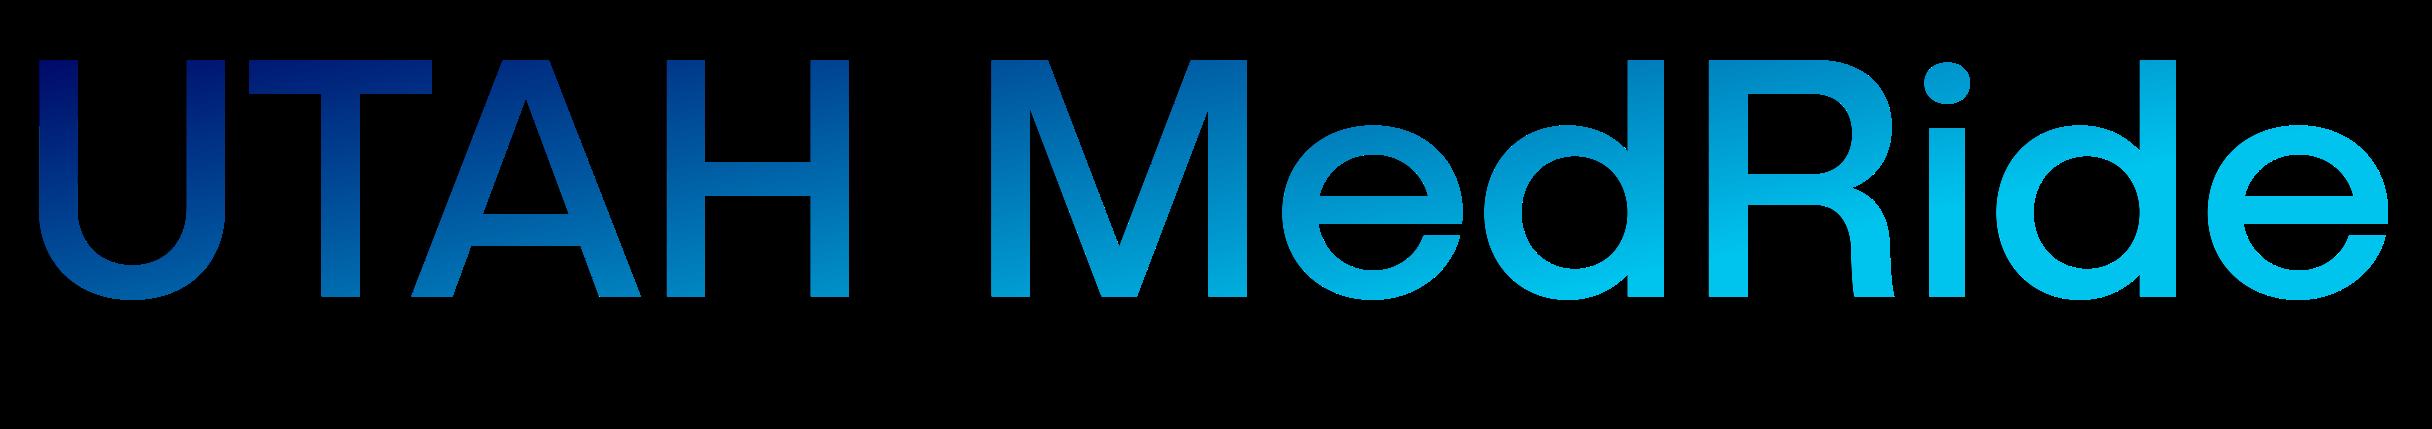 Utah MedRide